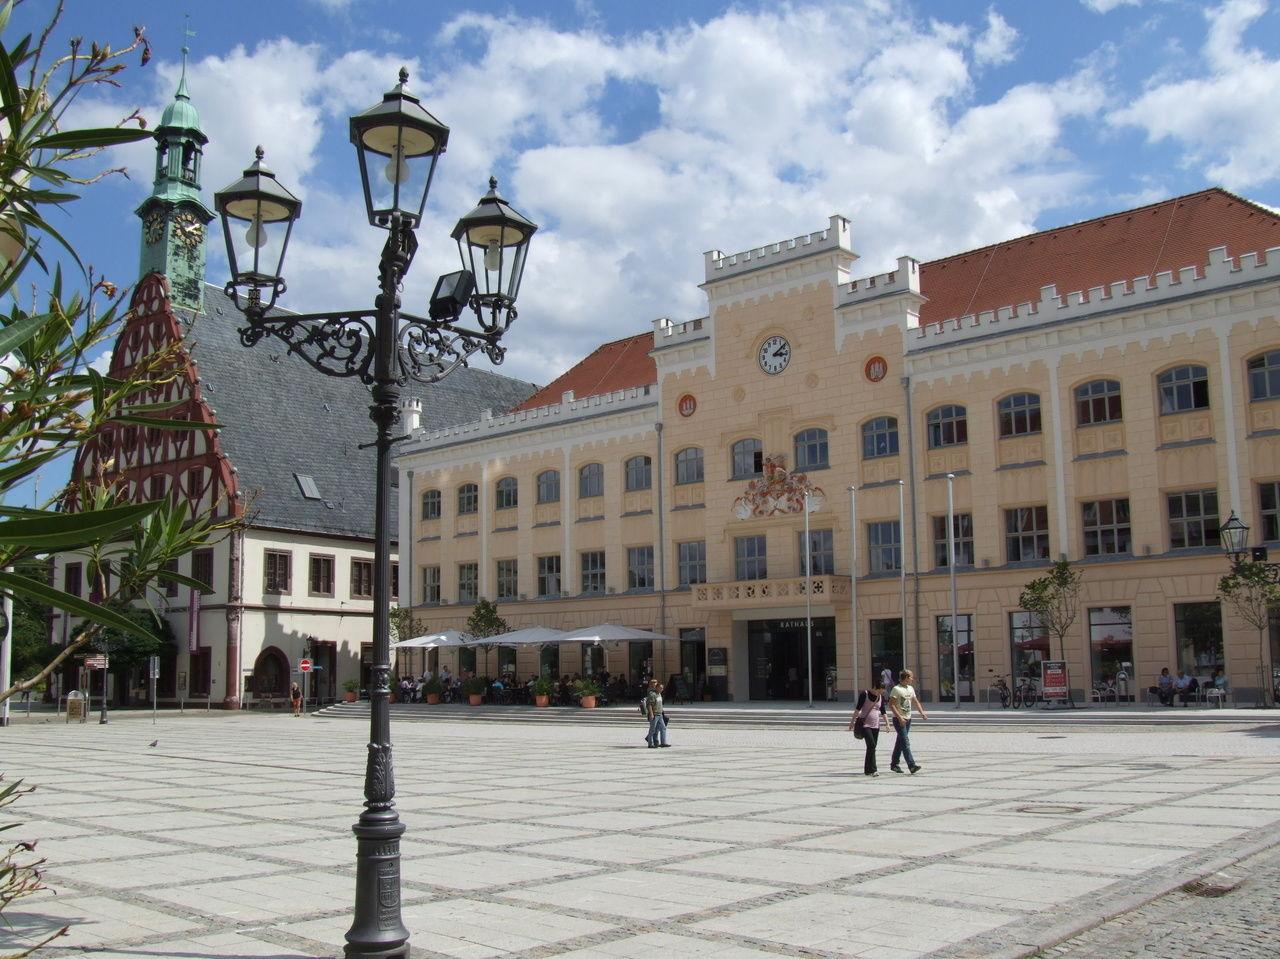 Casino Zwickau